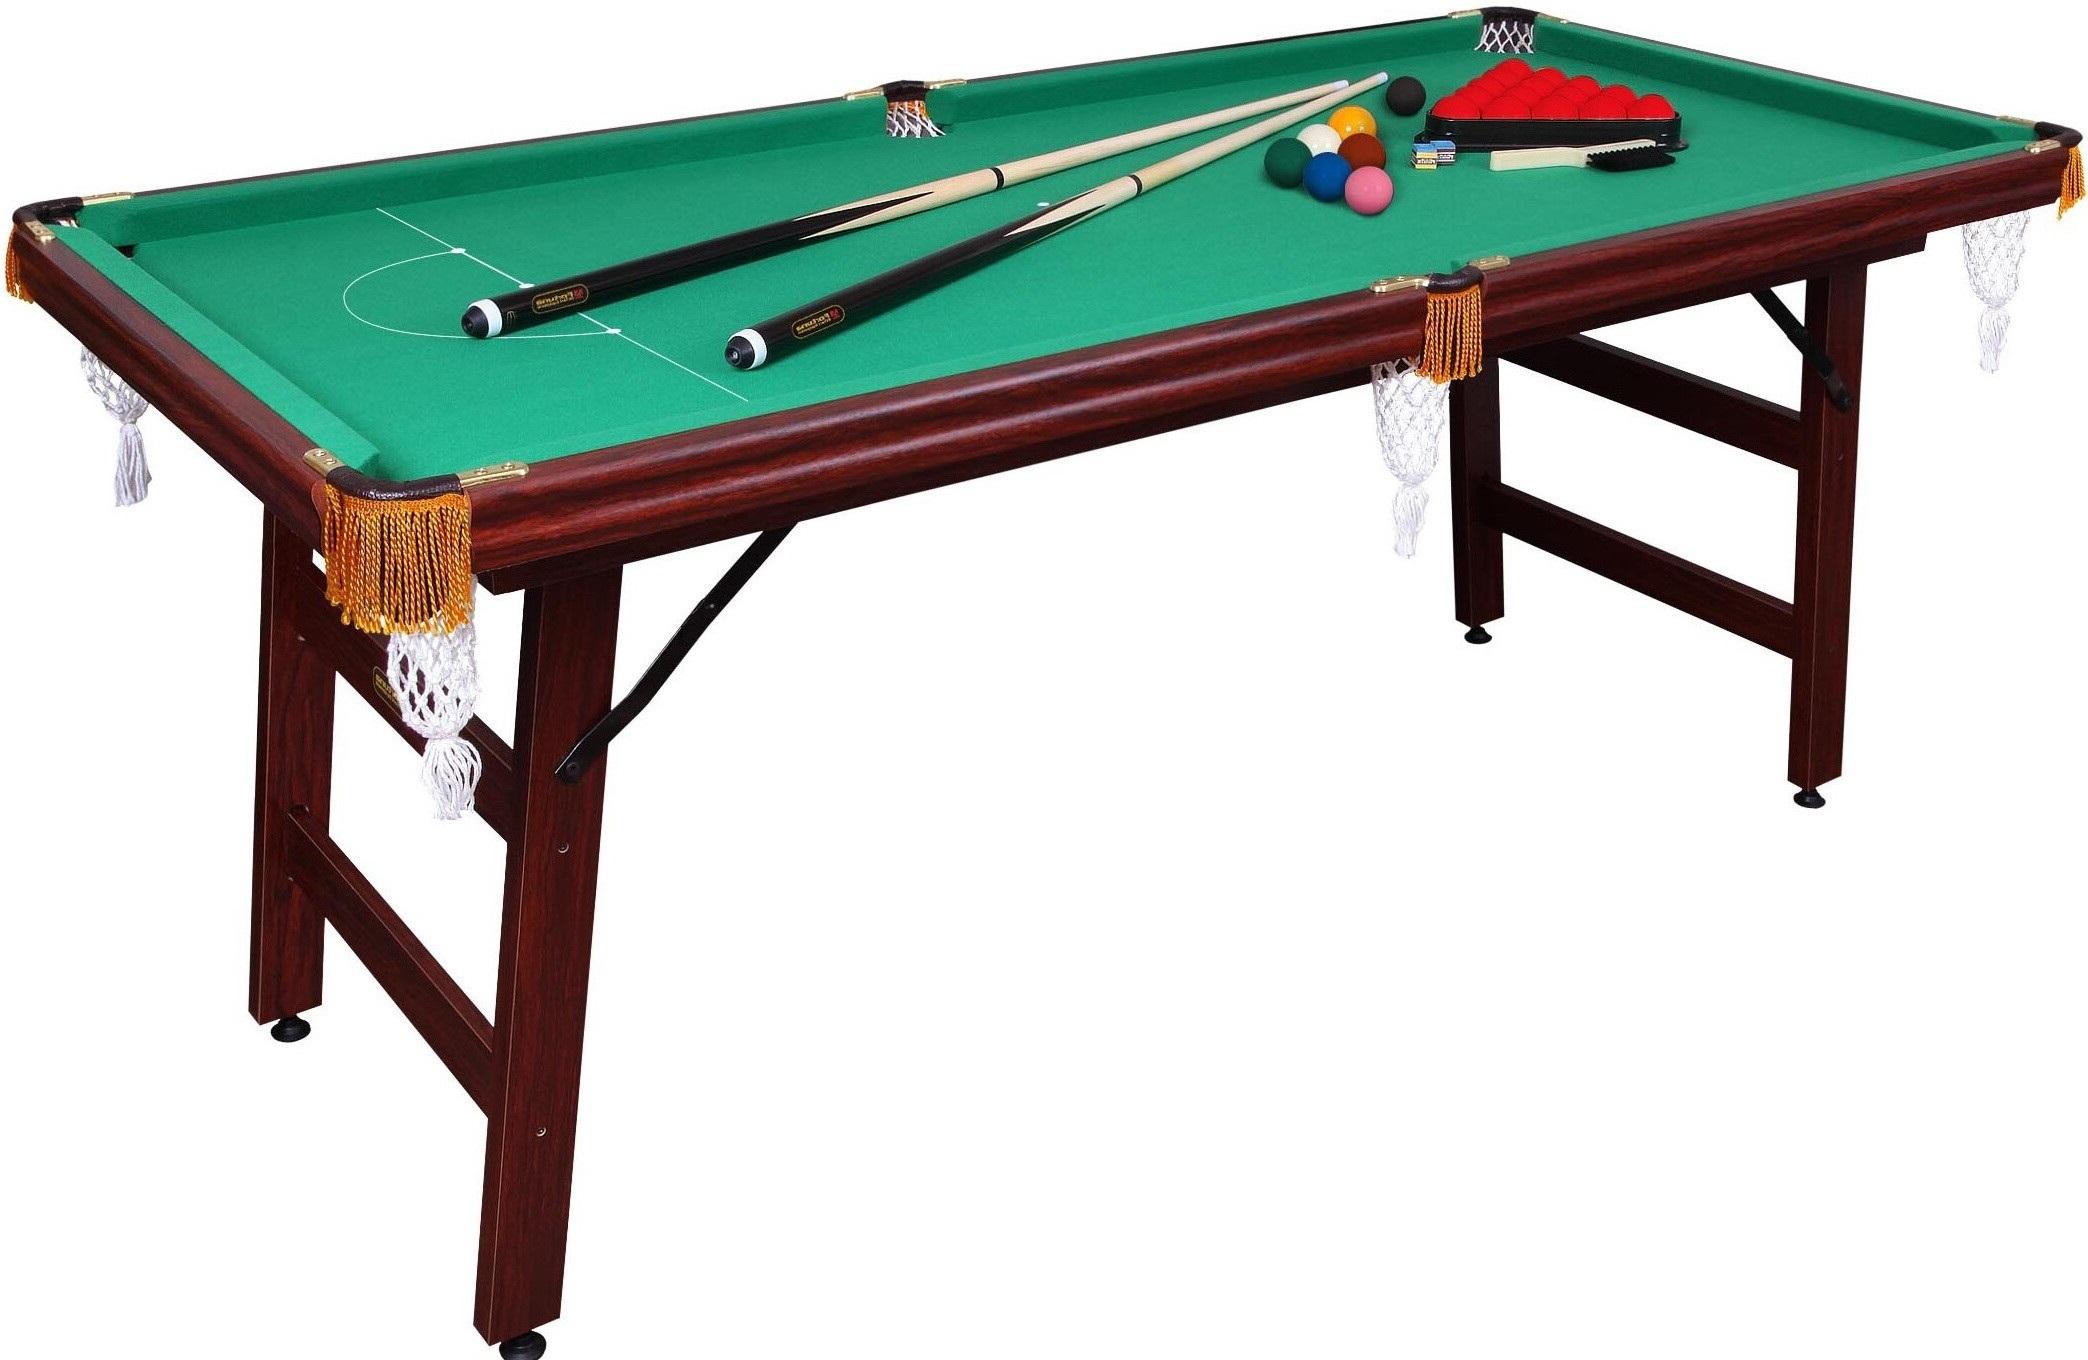 Бильярдный стол Fortuna Снукер 6FT 9в1